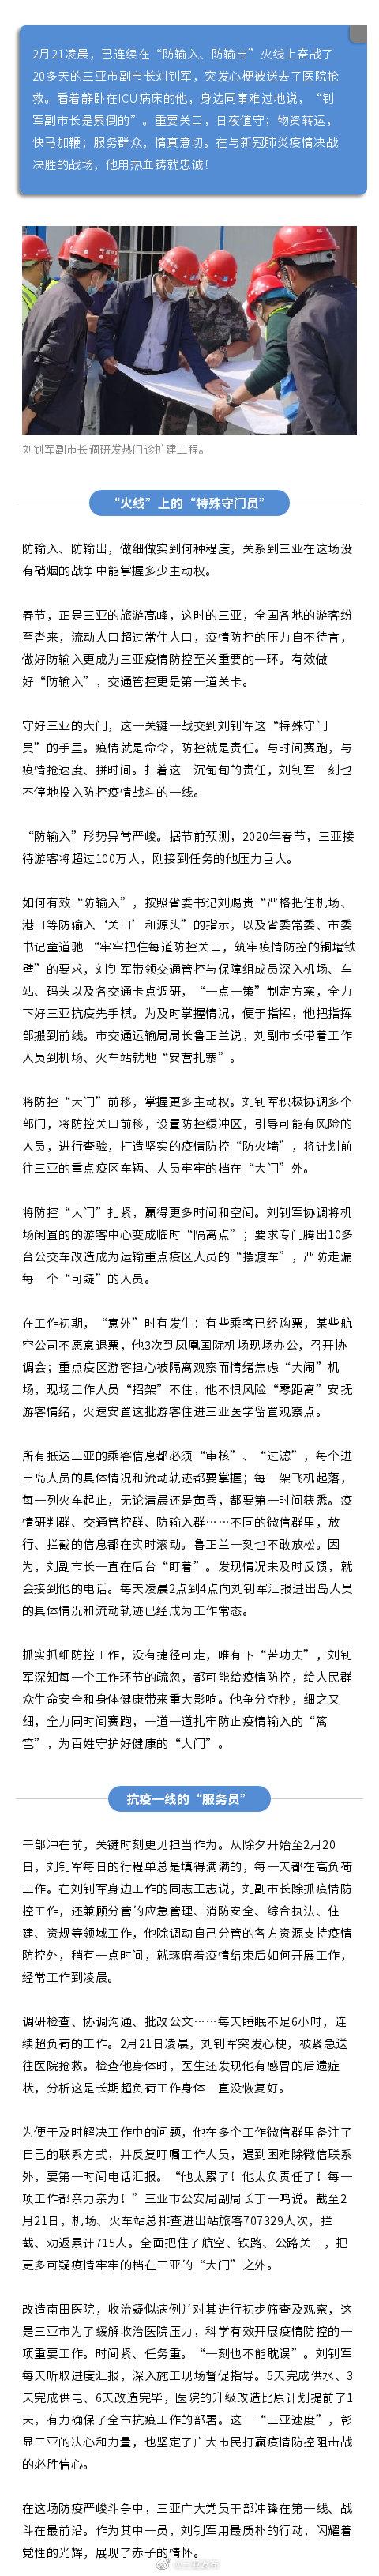 """三亚副市长刘钊军:连续20多天奋战抗疫一线,""""守门员""""病倒岗位上"""